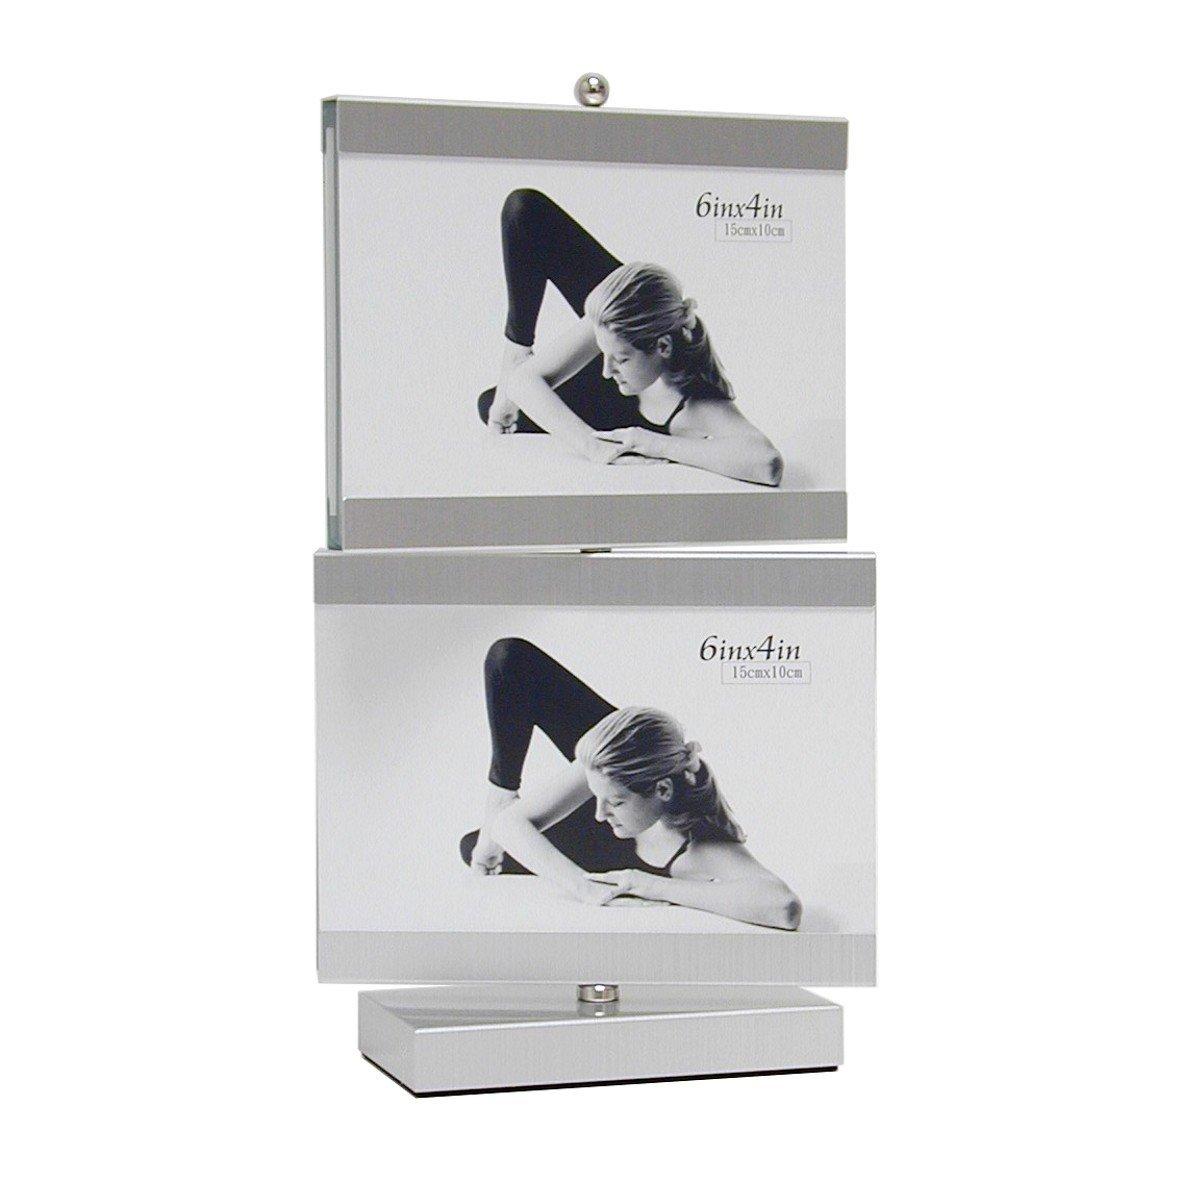 Deknudt Frames S58MP1-10.0X15.0 - Cornice girevole in vetro con 4 portafoto, 29,8 x 18 x 9 cm, colore: Argento